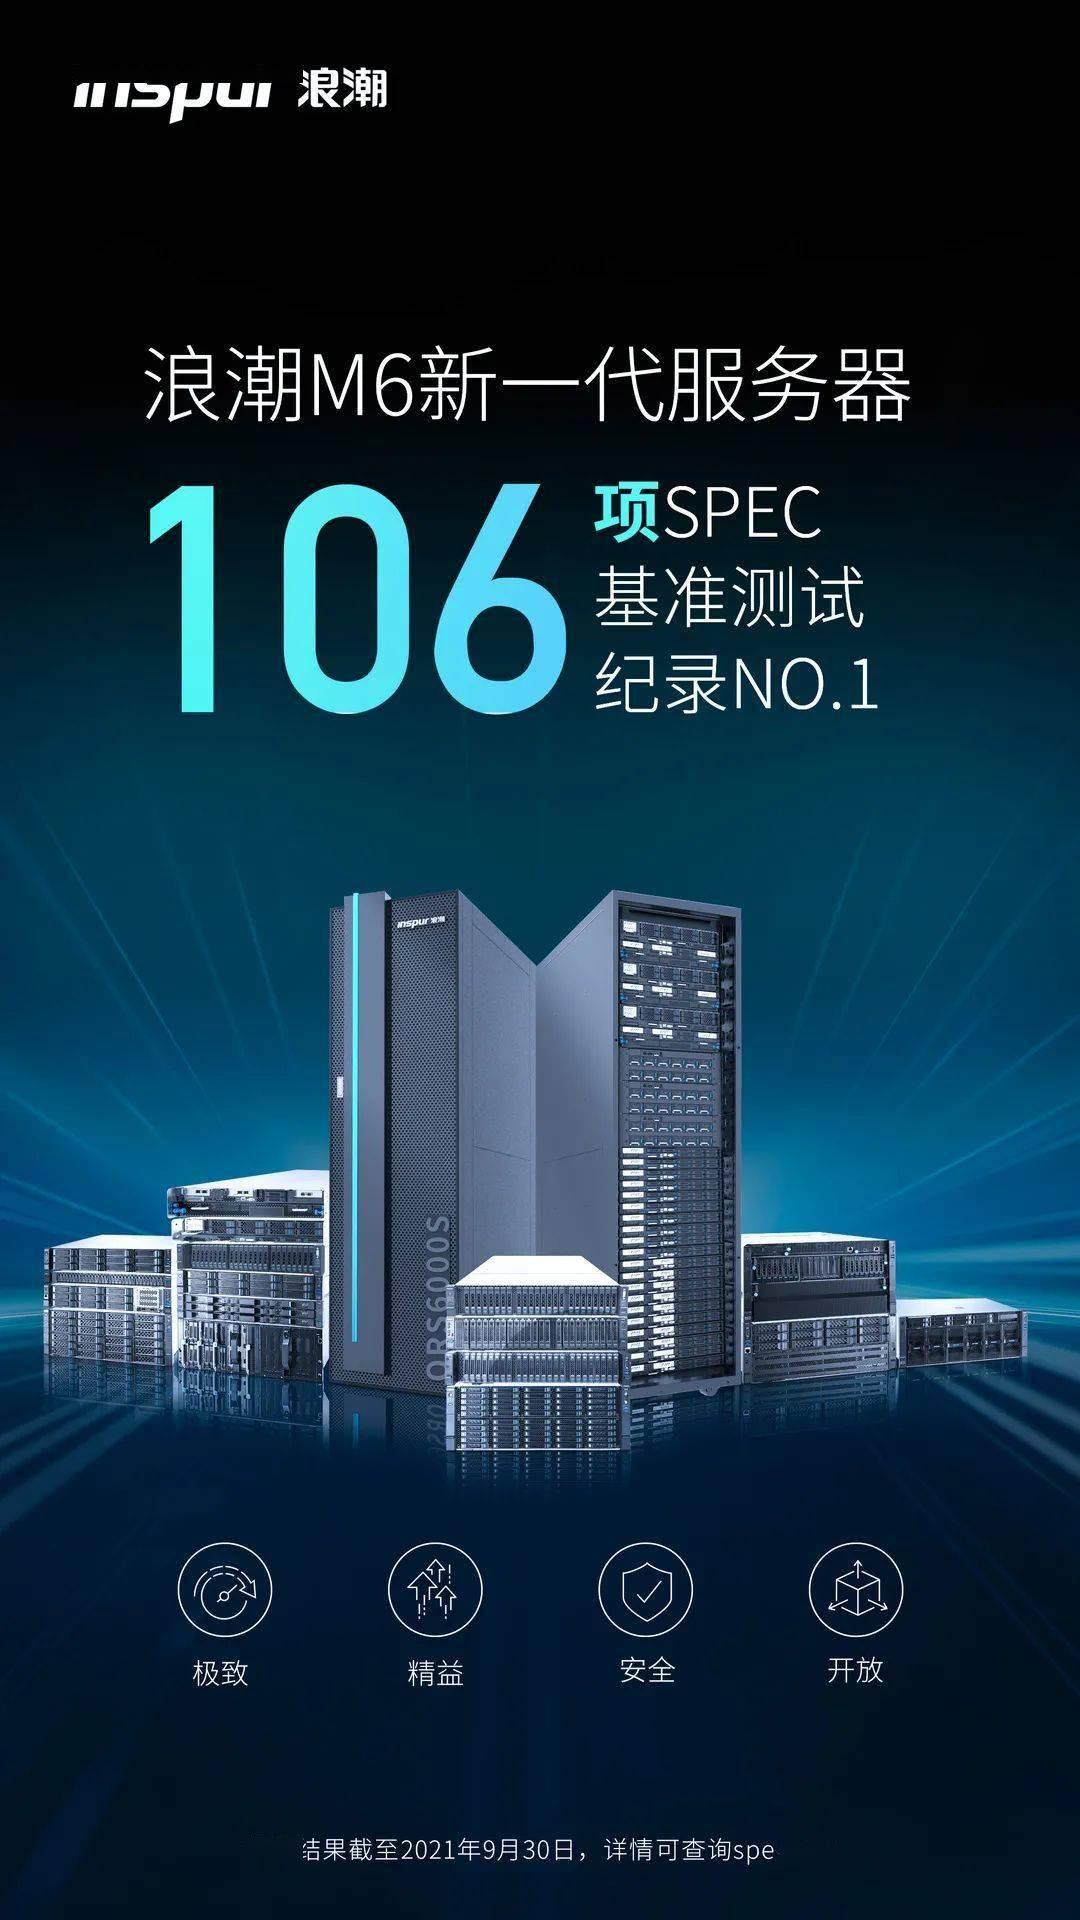 cdn服务器是什么国内vps连破106项SPEC测试世界纪录!